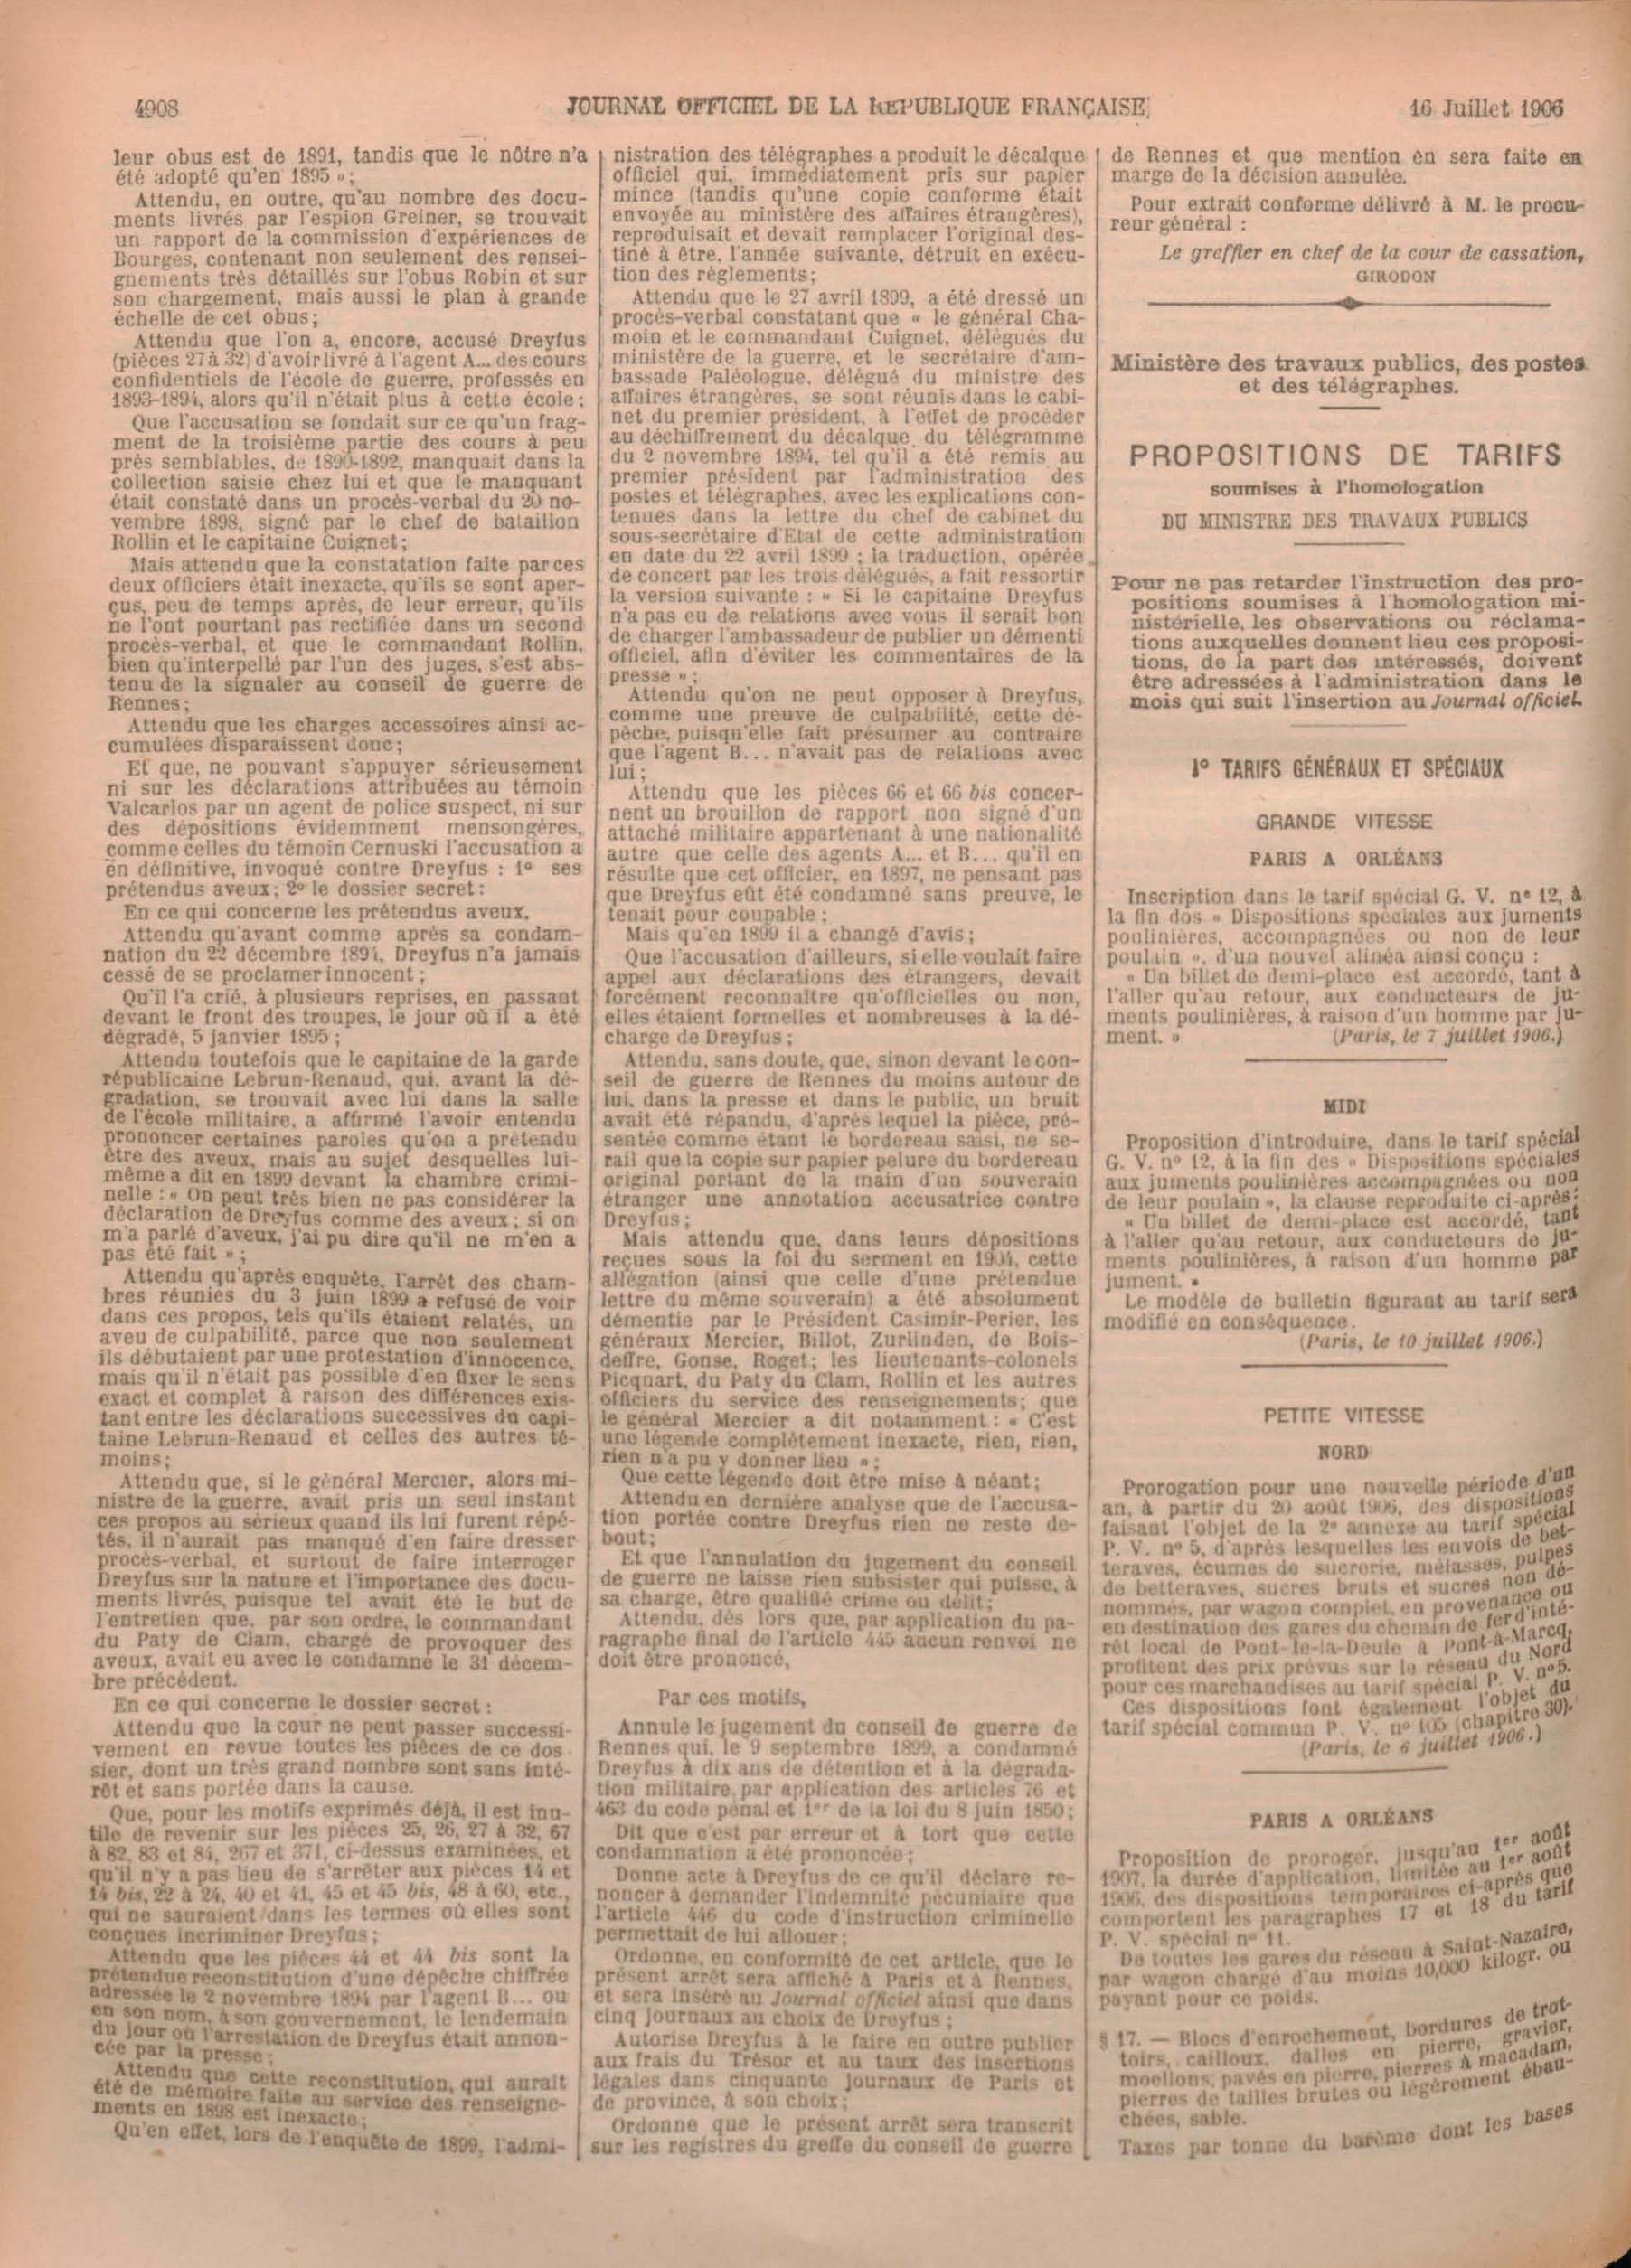 http://expo-paulviollet.univ-paris1.fr/wp-content/uploads/2017/09/Journal_officiel_de_la_République_minutes-cour-de-cass-12-juillet-1906_Page_5.jpg